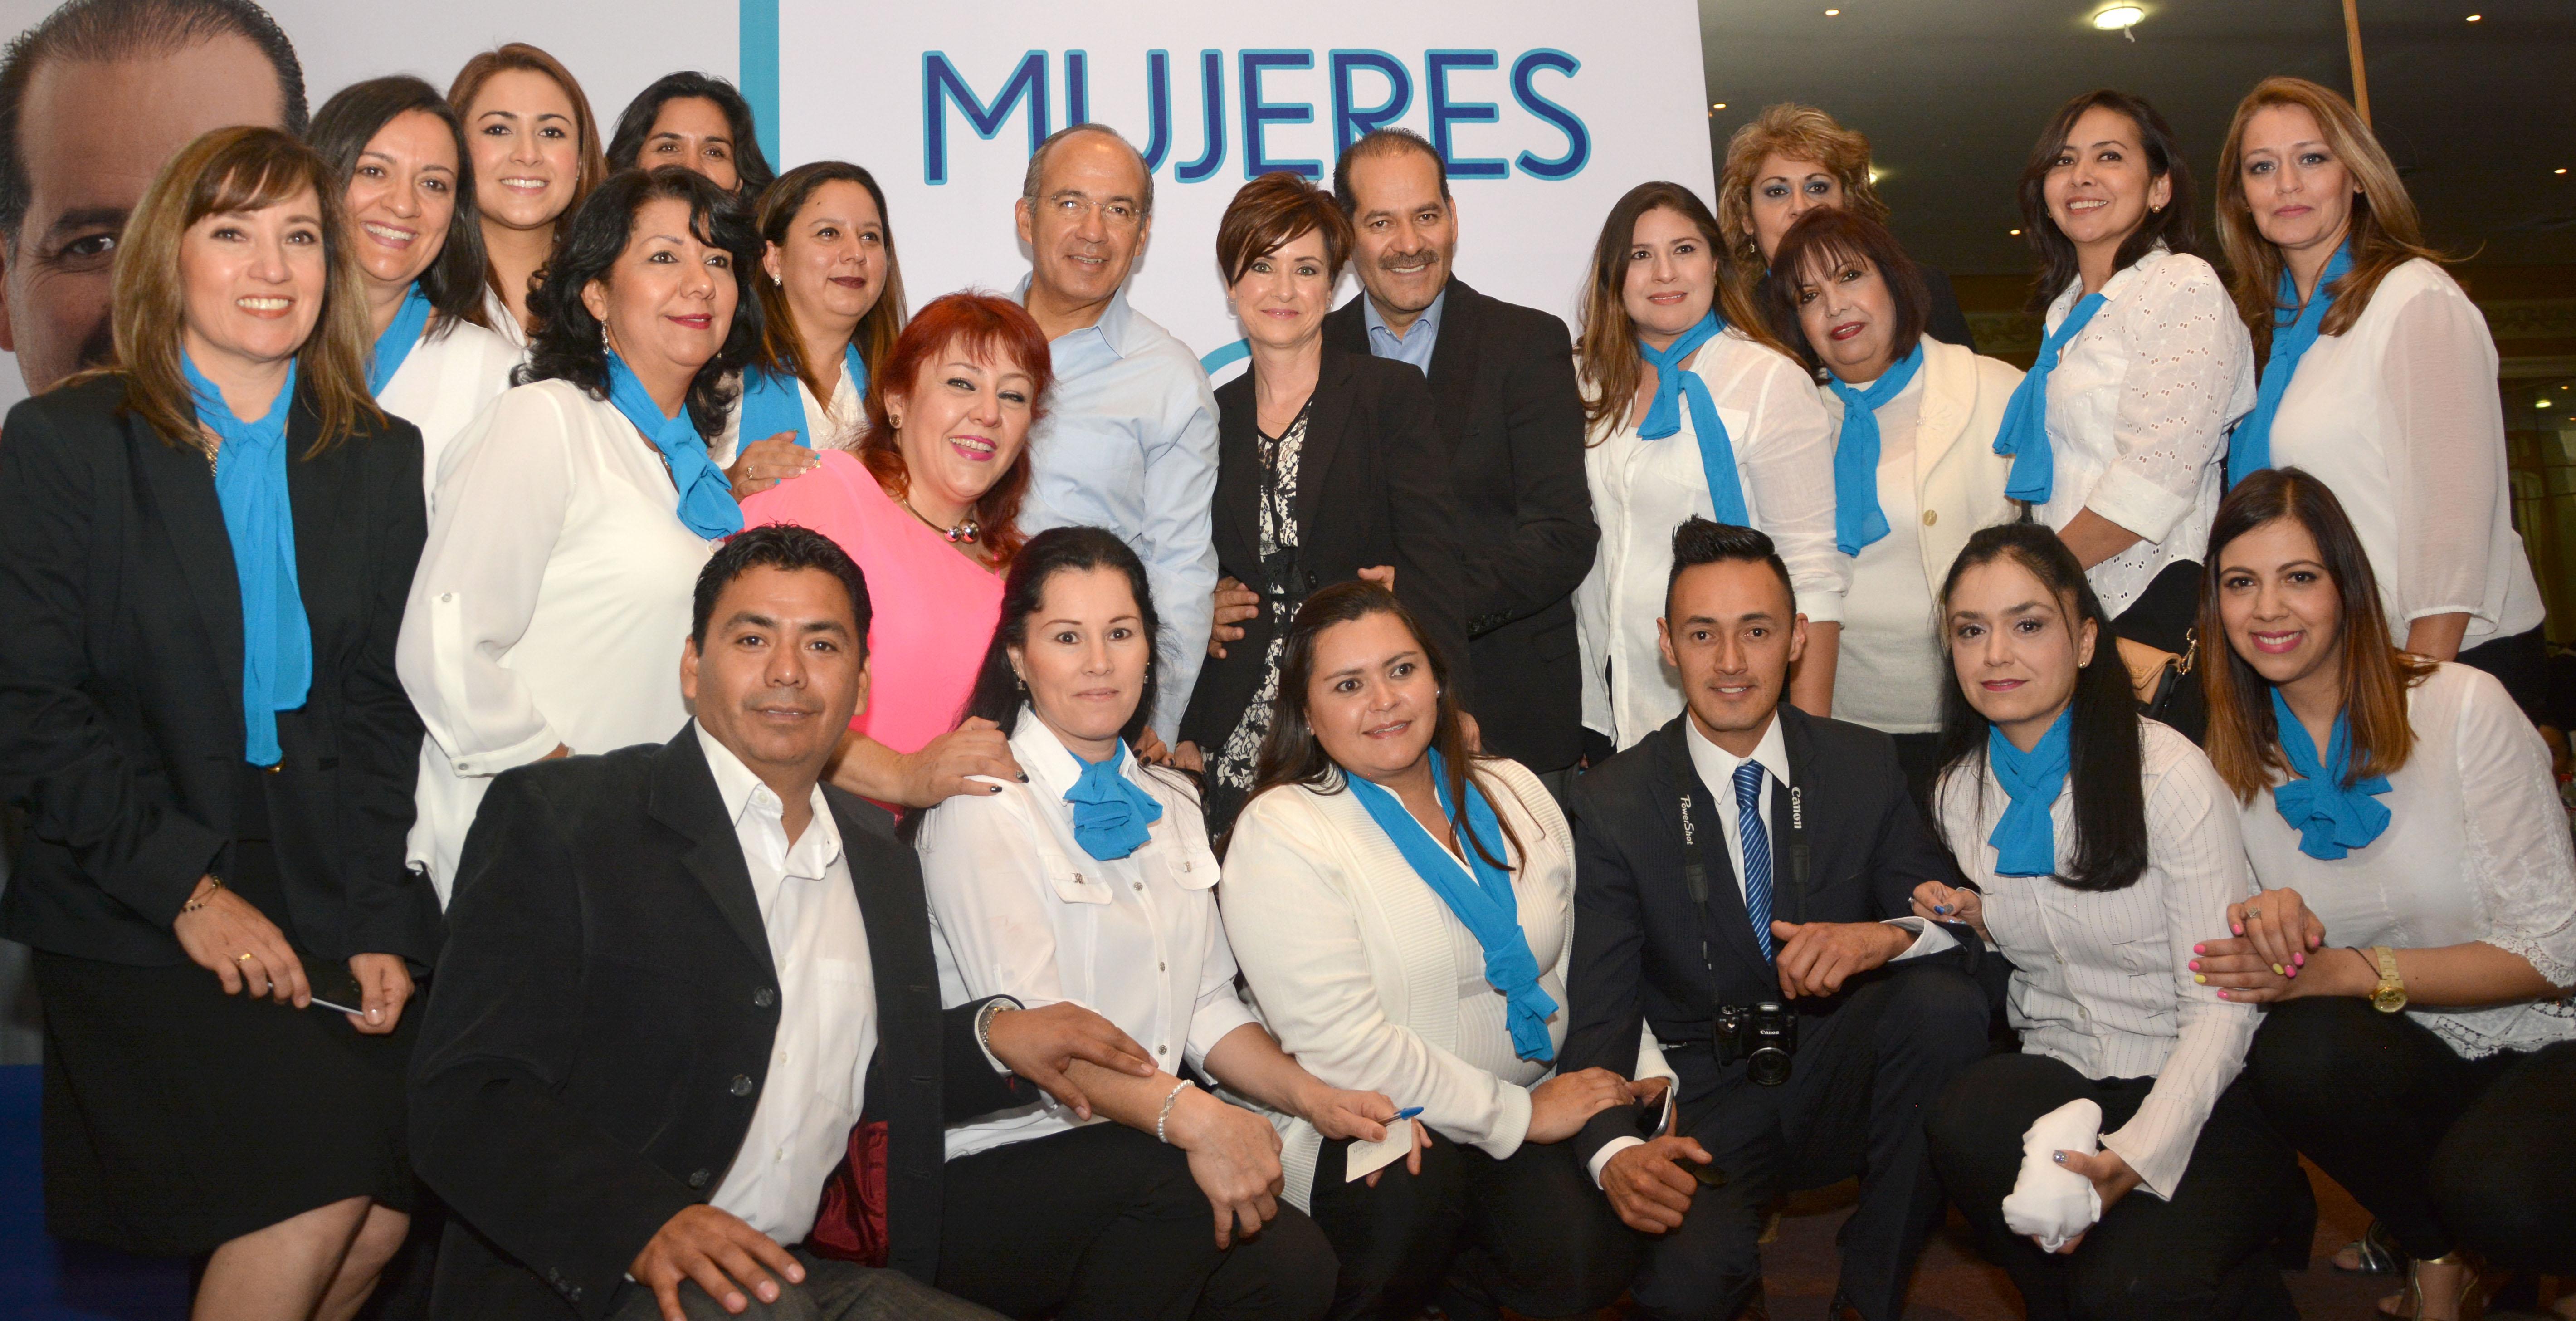 """Cientos de mujeres se toman """"selfies"""" con Fecal y Martín Orozco en Ags."""